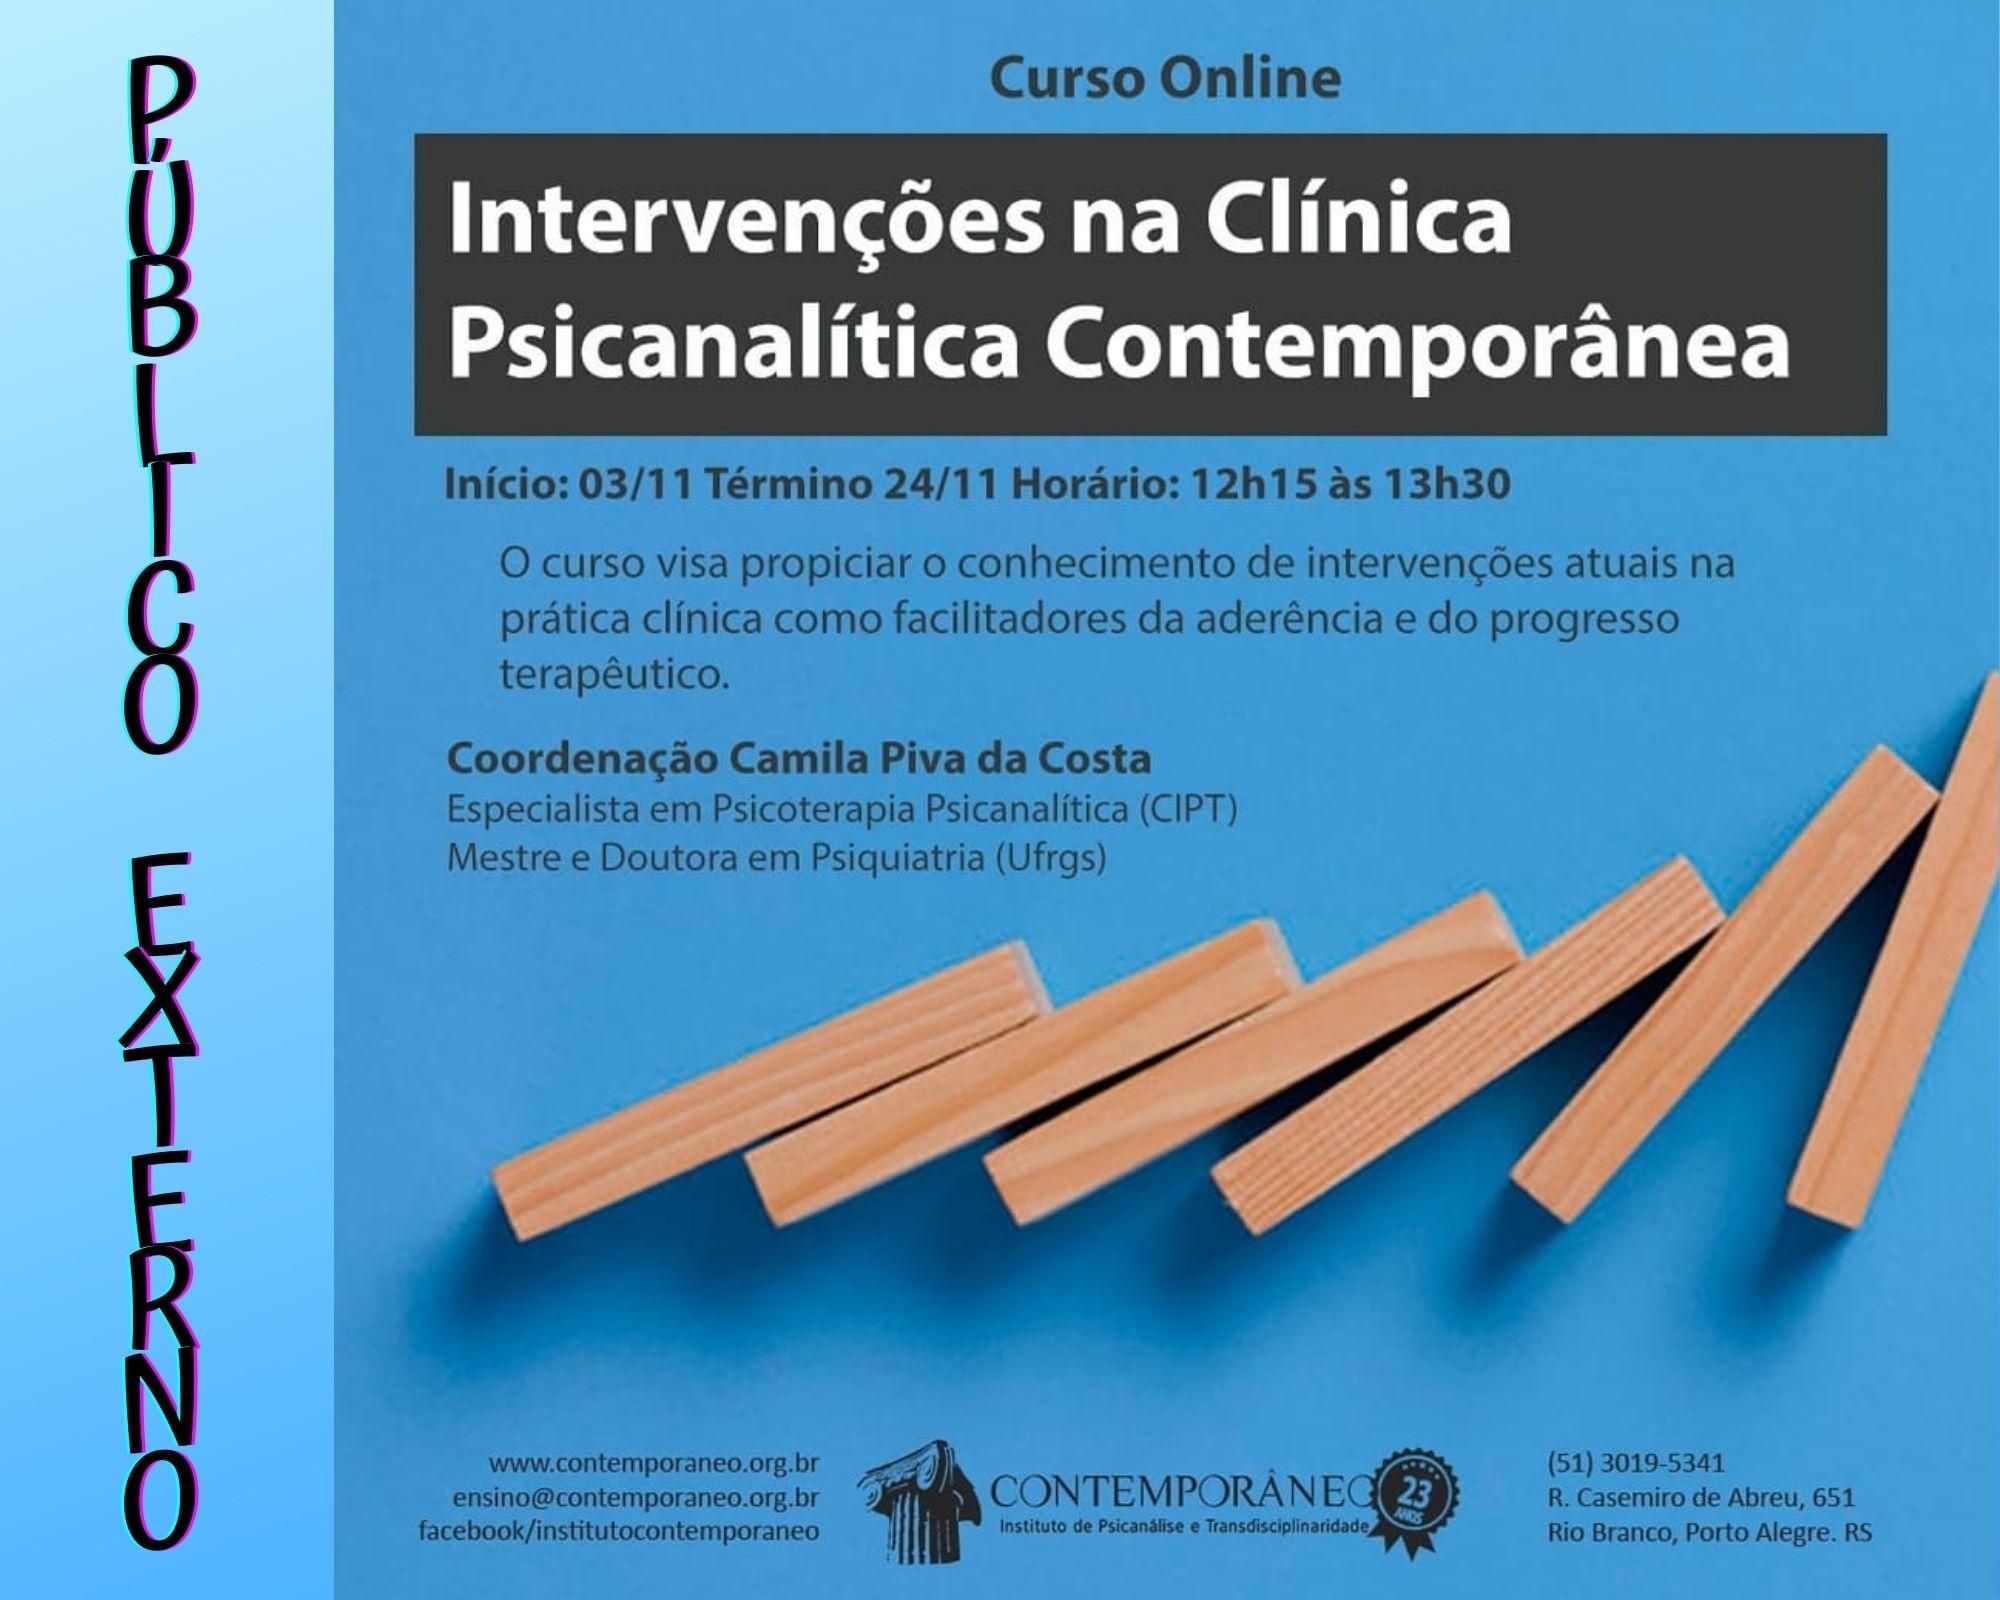 Curso para Intervenções na Clínica Psicanalítica Contemporânea - Público Externo